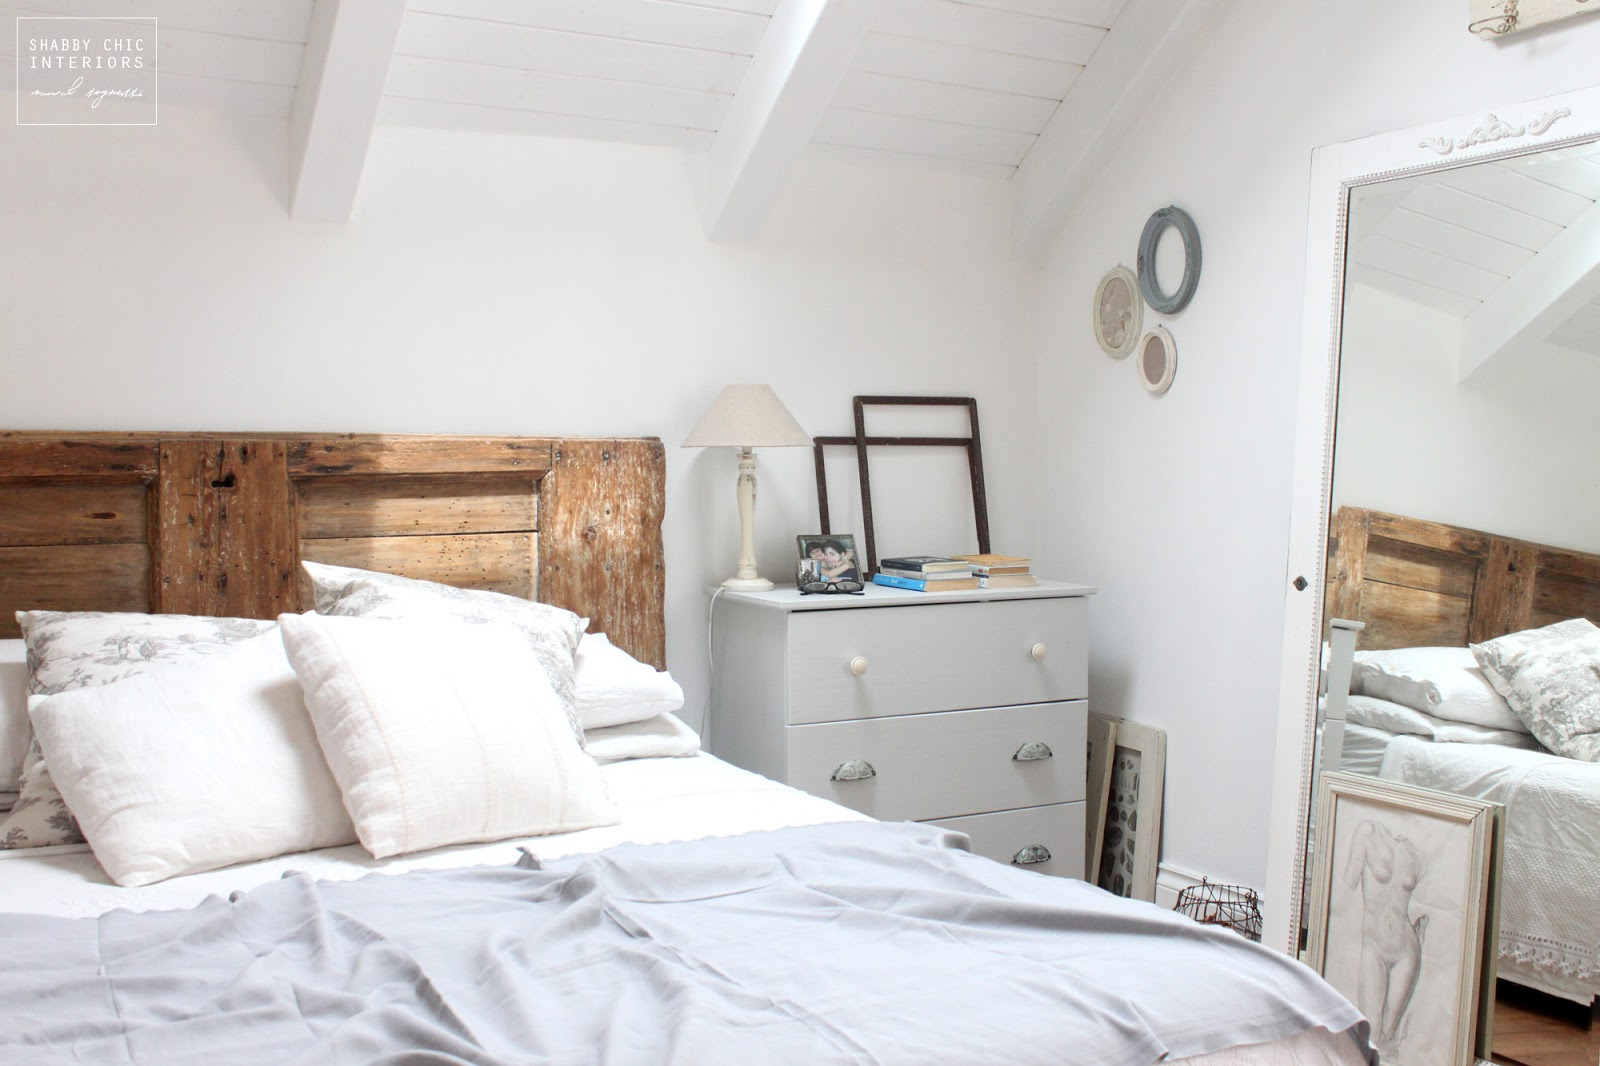 Mercatino shabby chic interiors shabby chic interiors for 5 piani di casa di camera da letto